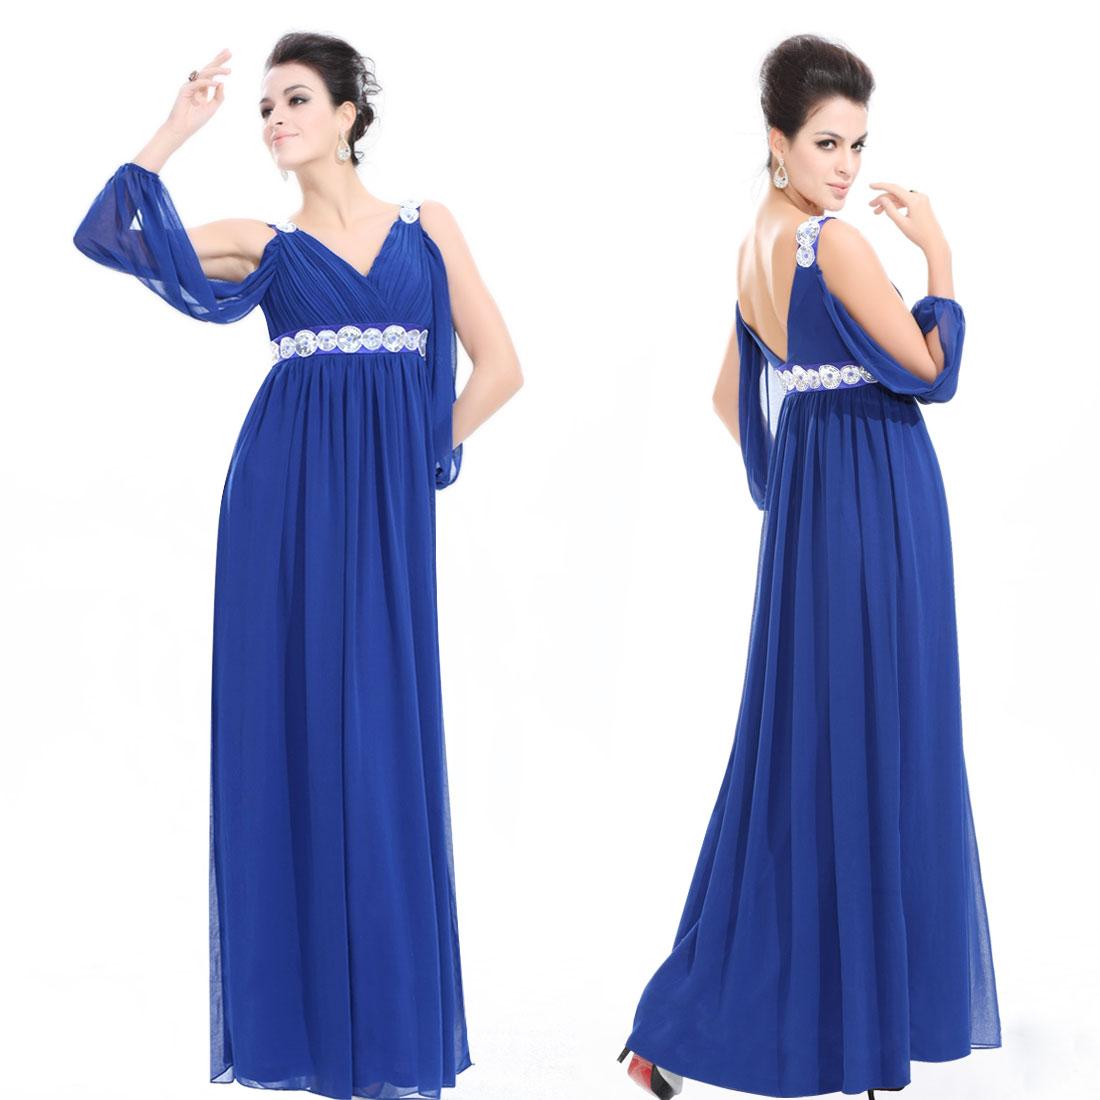 Синее платье вечернее фото.